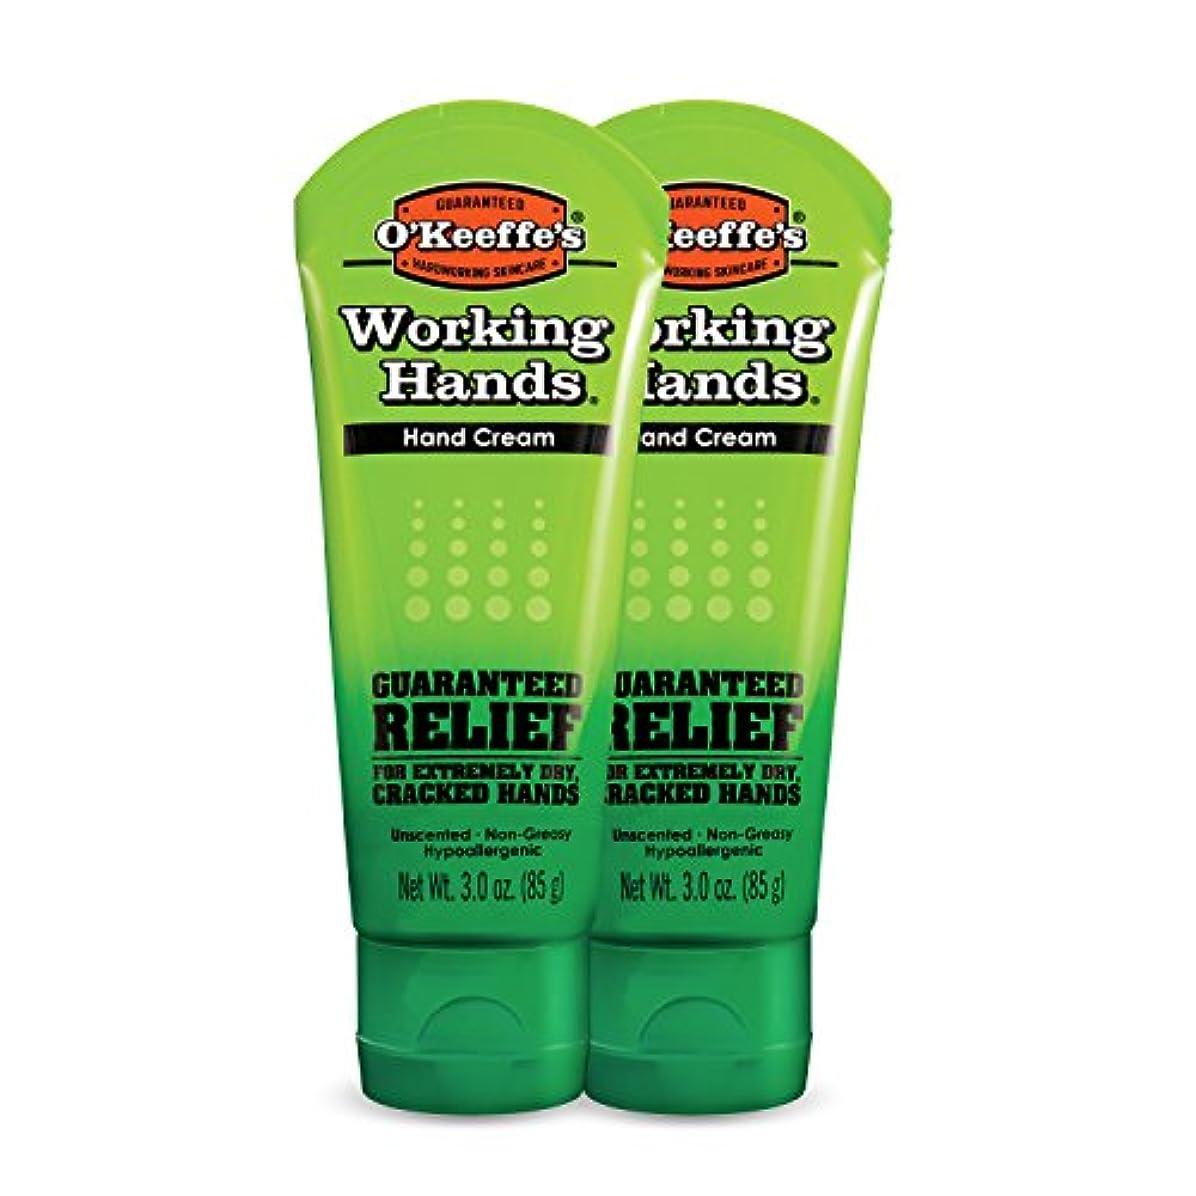 層くちばし見物人O ' Keeffe 's Working Hands Hand Cream、3 oz ( Pack of 2 )